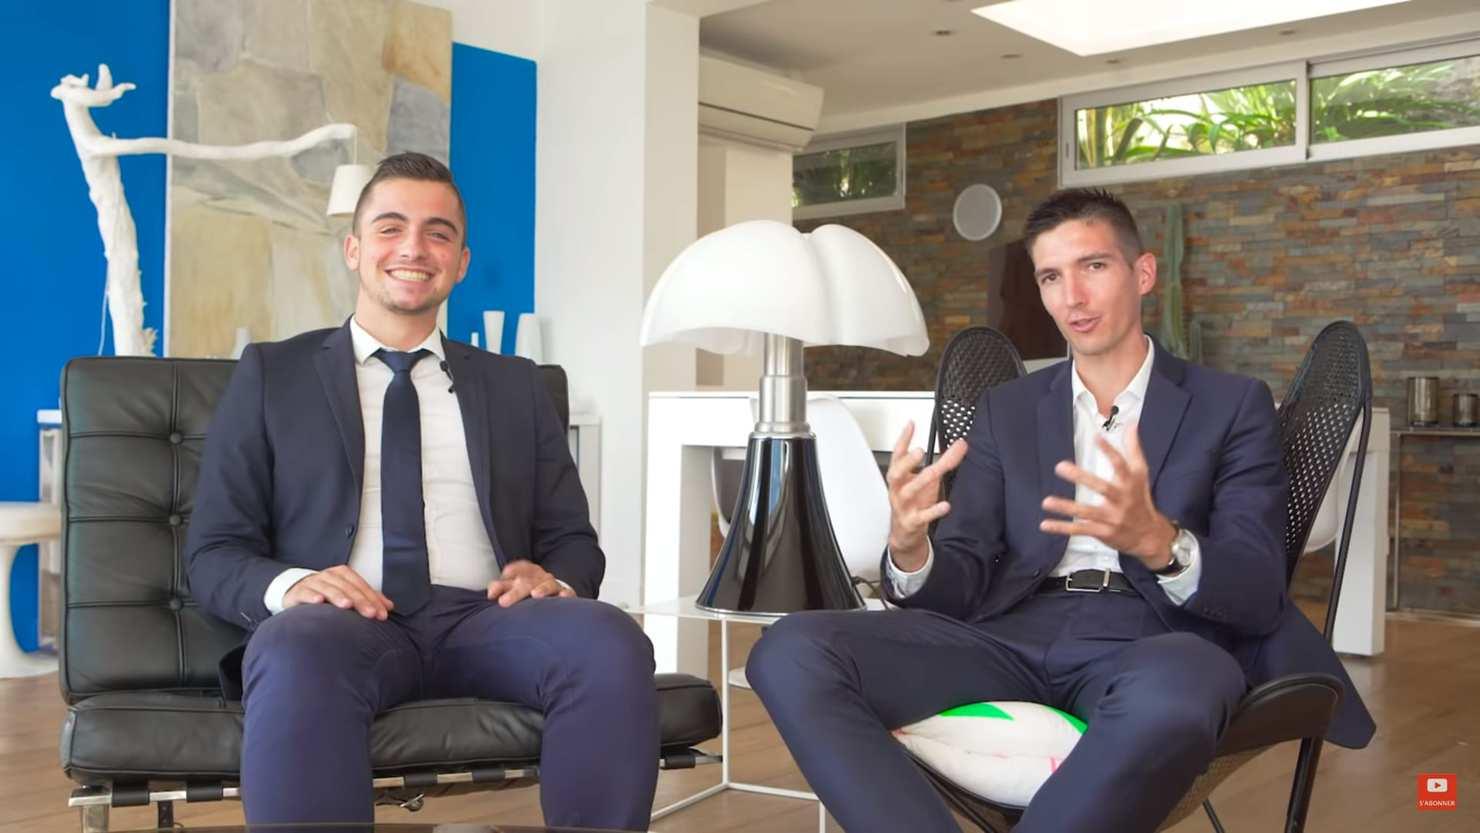 De 0 à 5000 euros par mois sur internet à 18 ans – baptiste joly